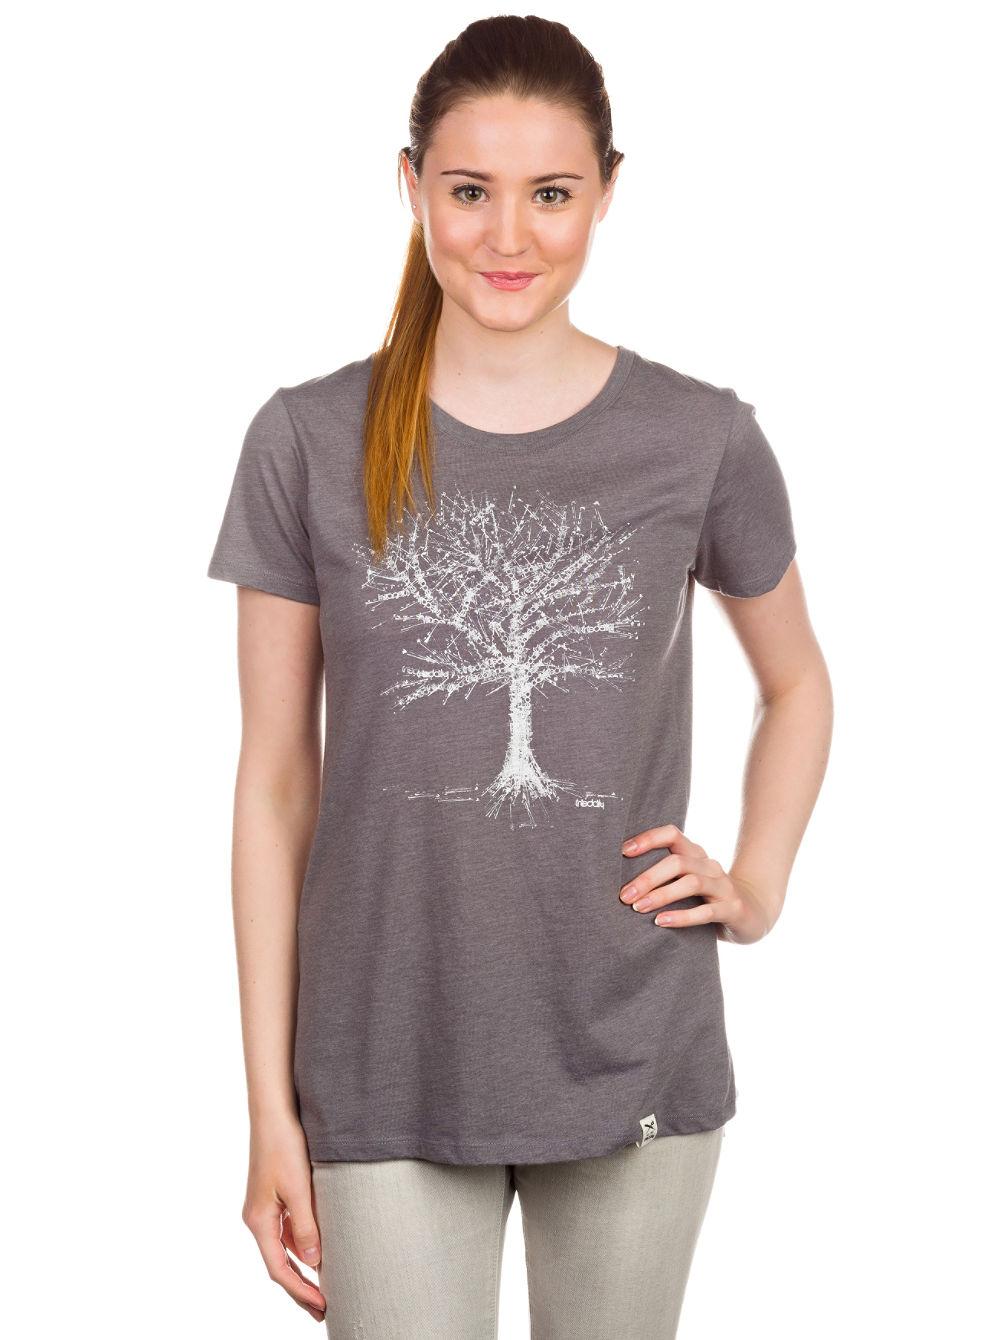 stamp-tree-t-shirt